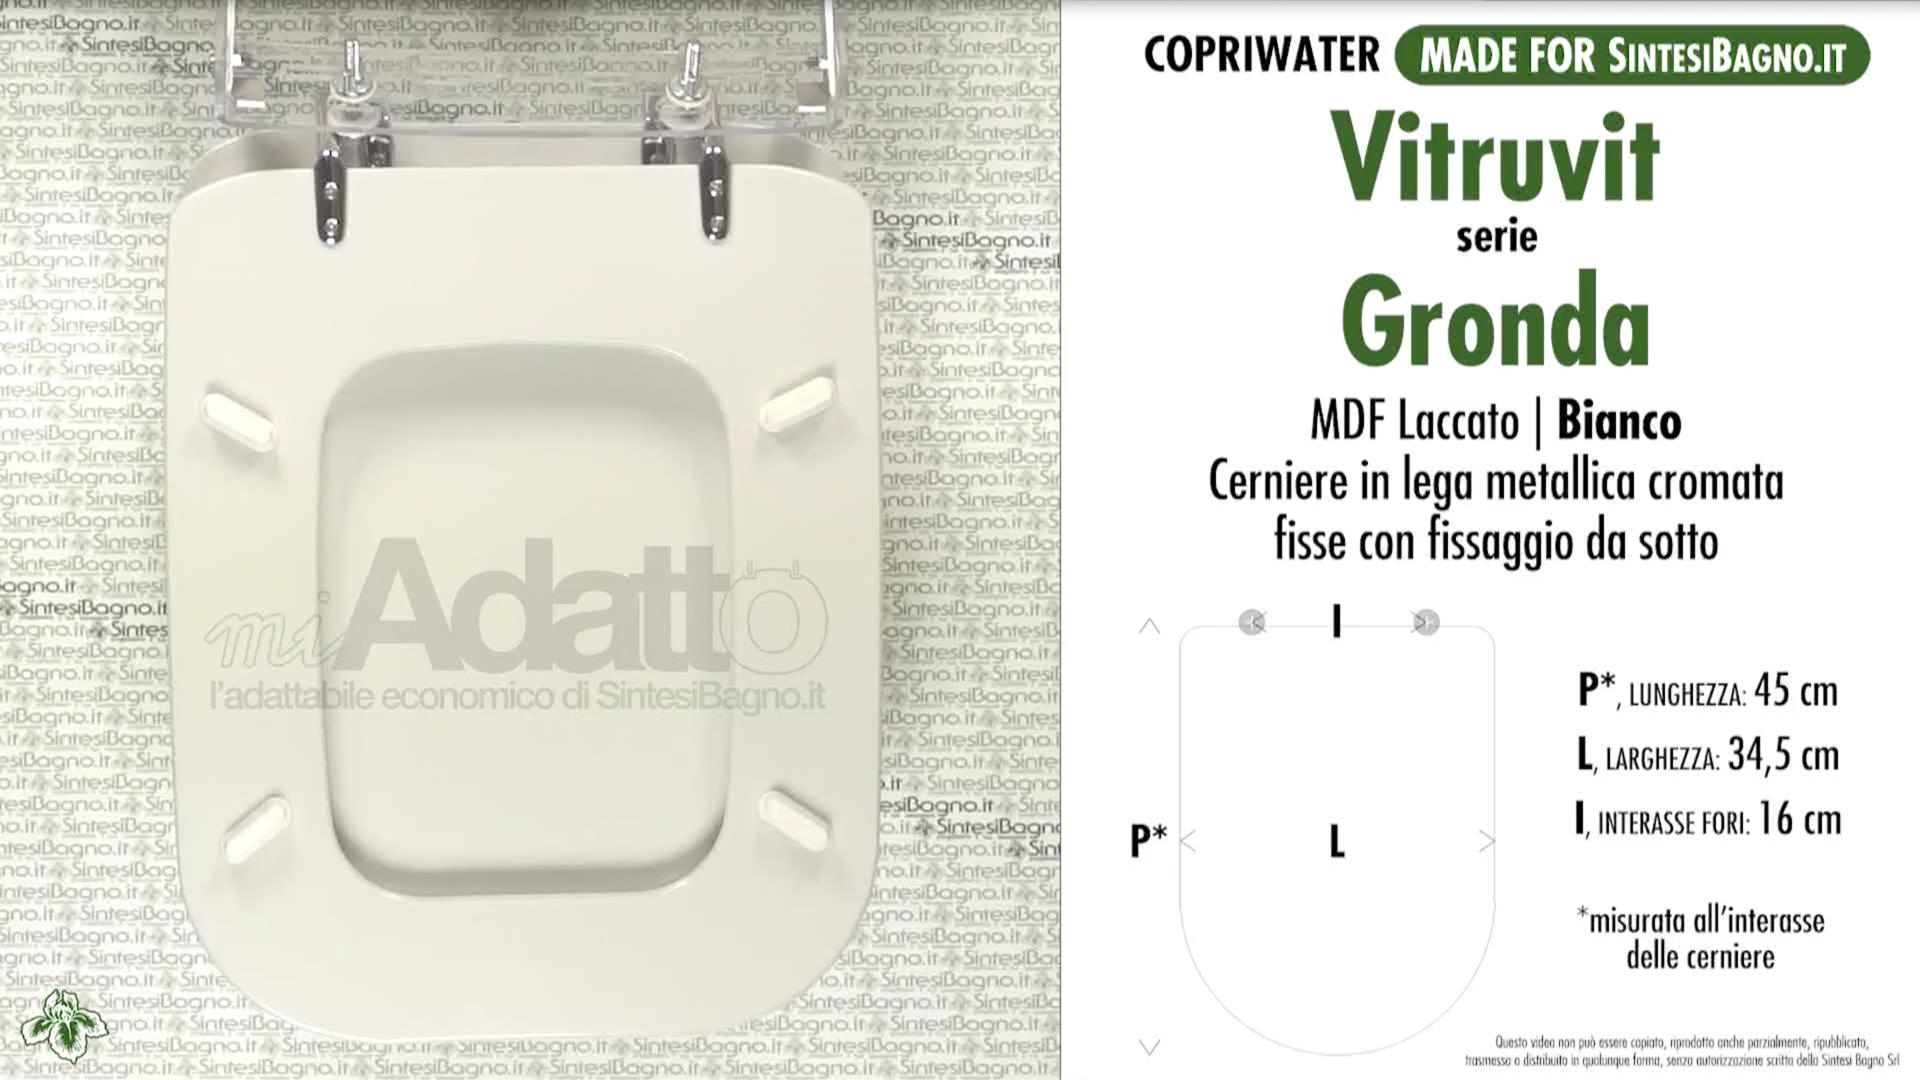 Schede tecniche Vitruvit Gronda